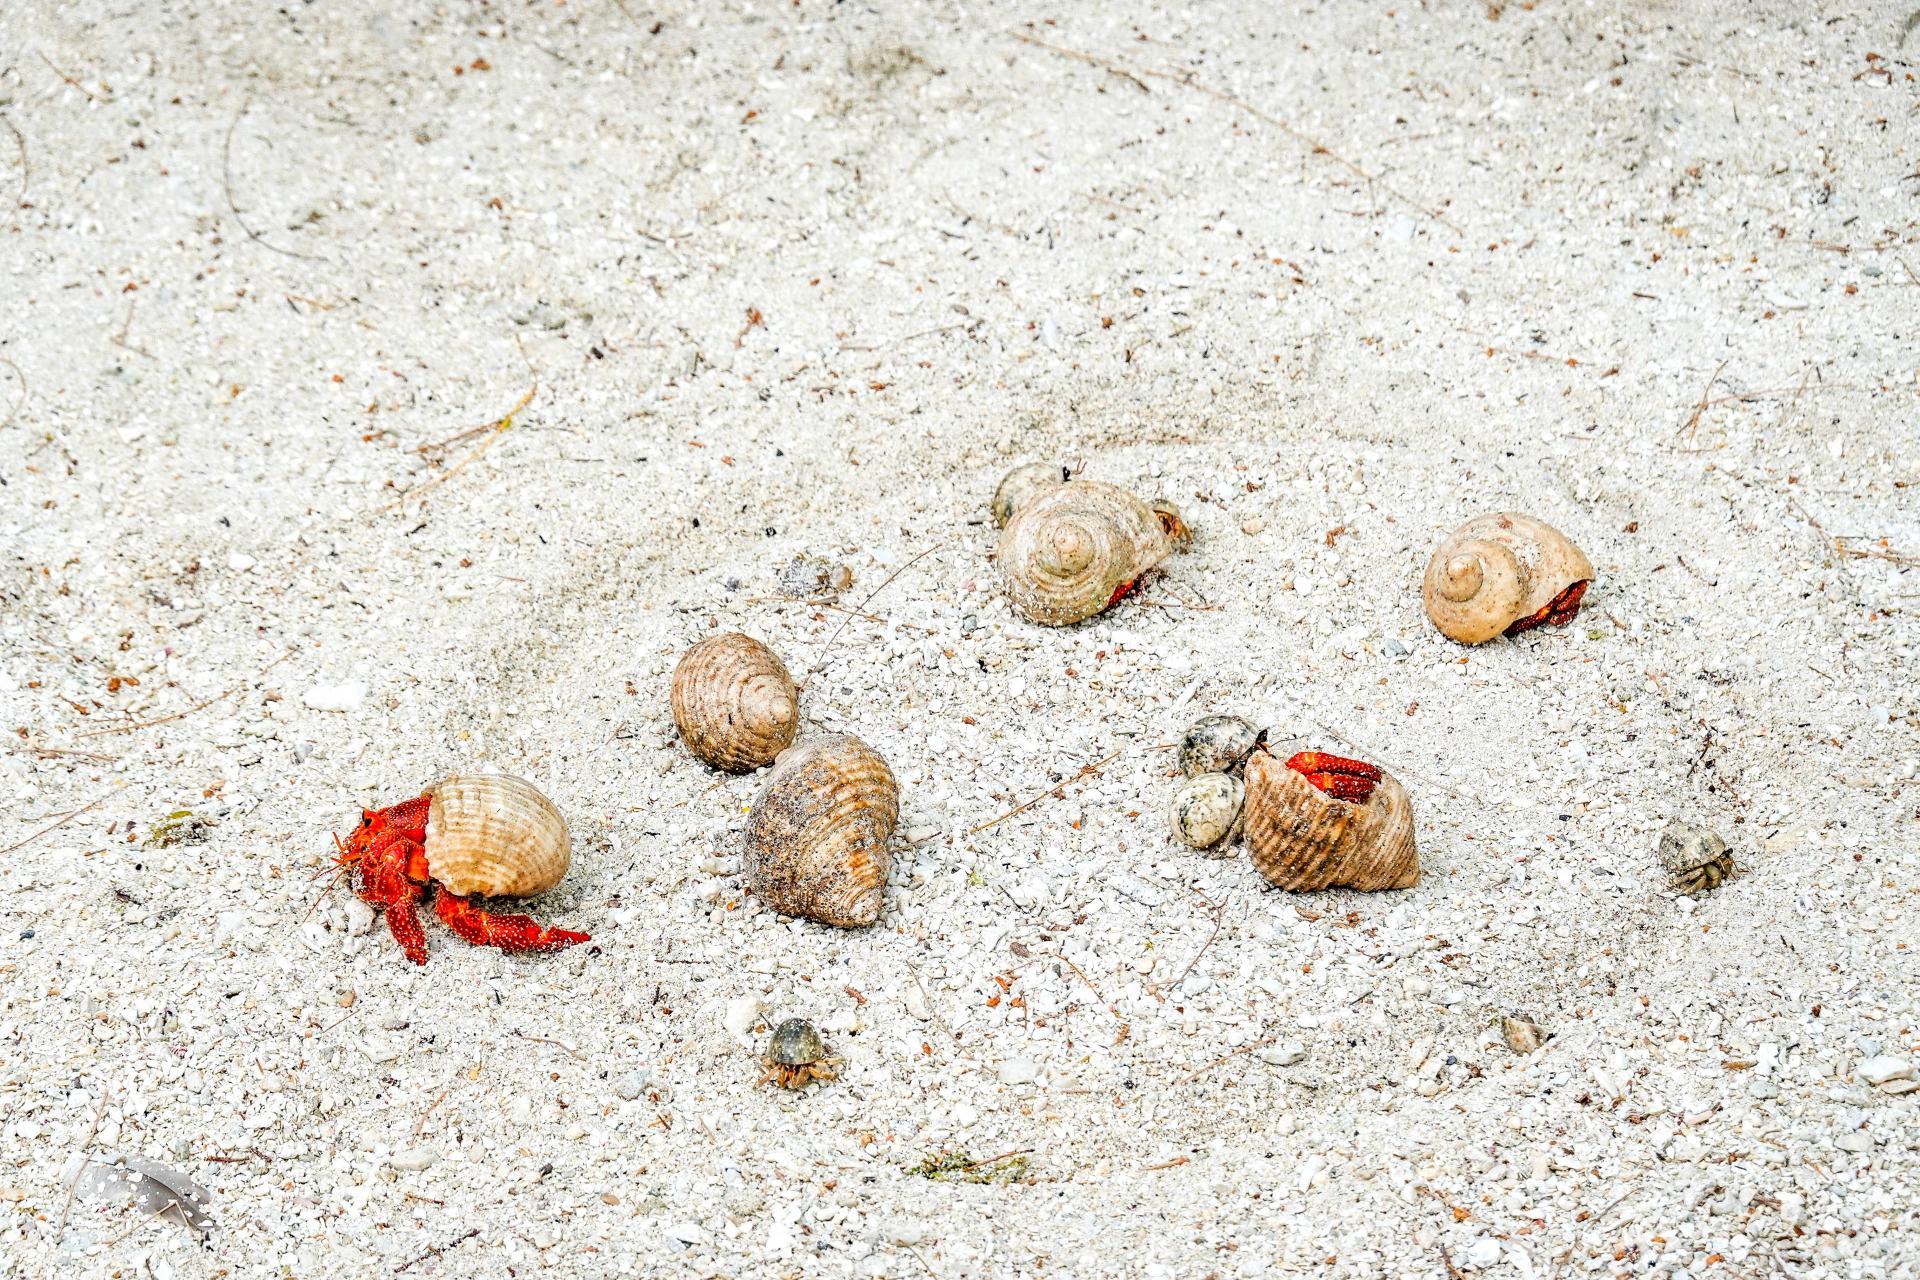 hermit crab race